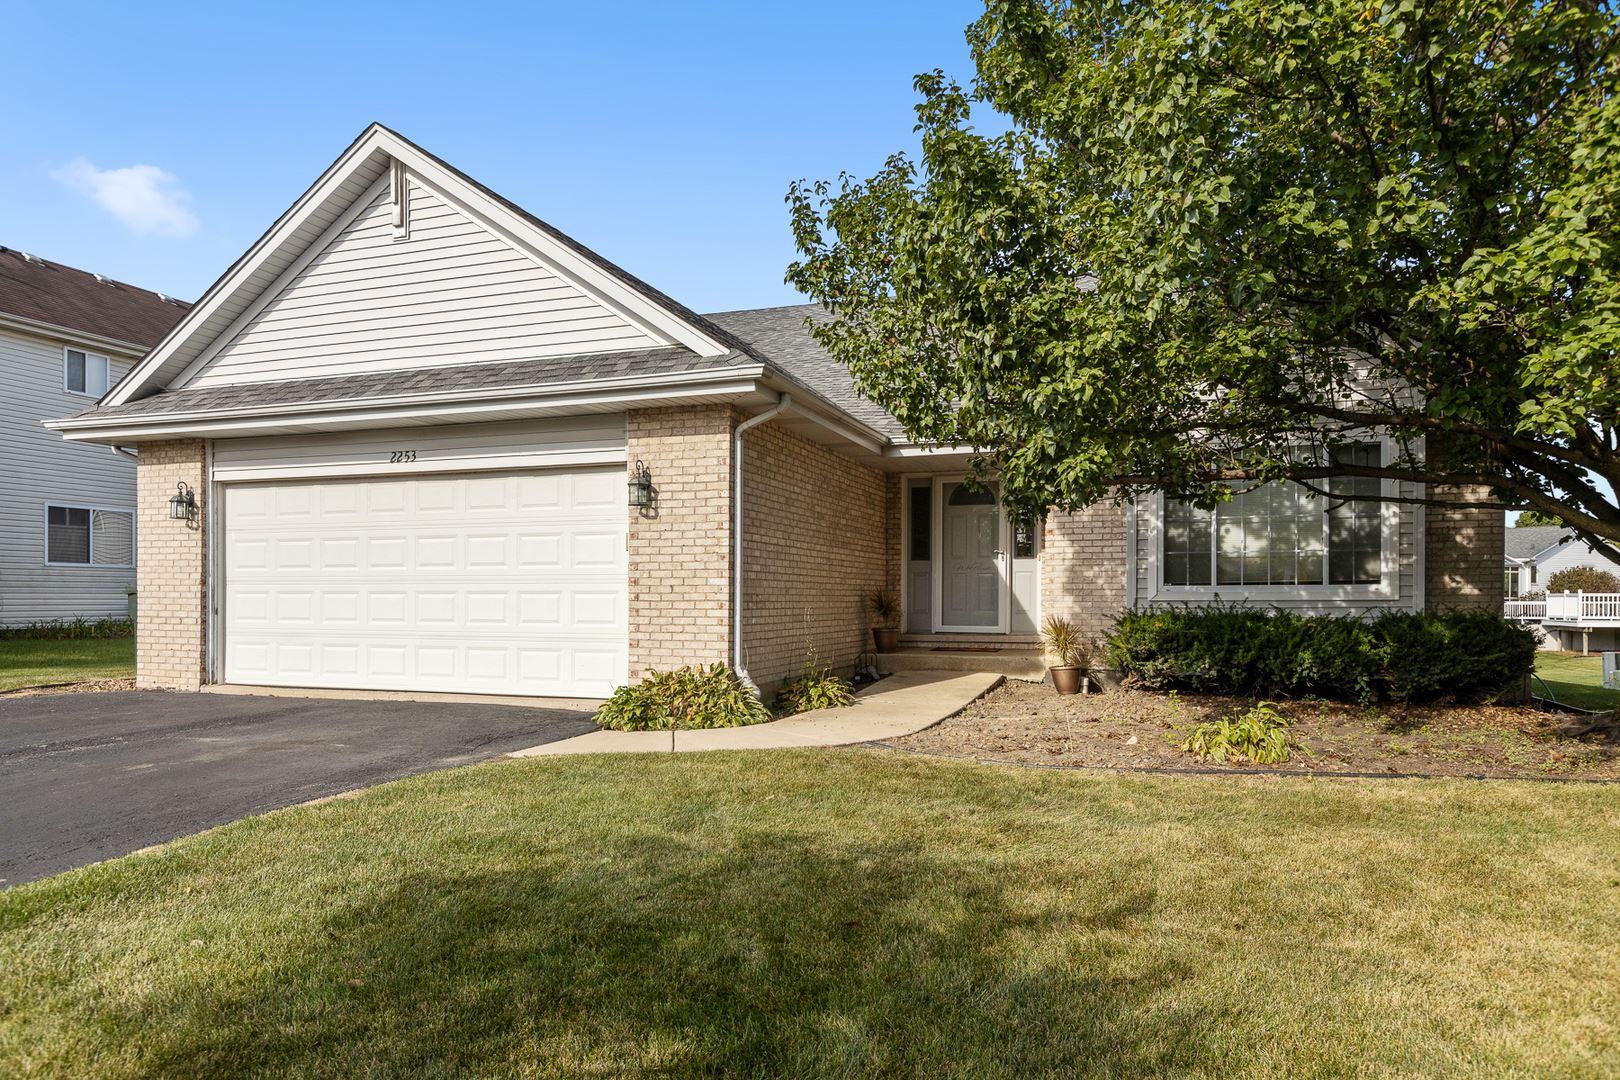 2253 Foxwood Drive, New Lenox, IL 60451 - #: 11230504